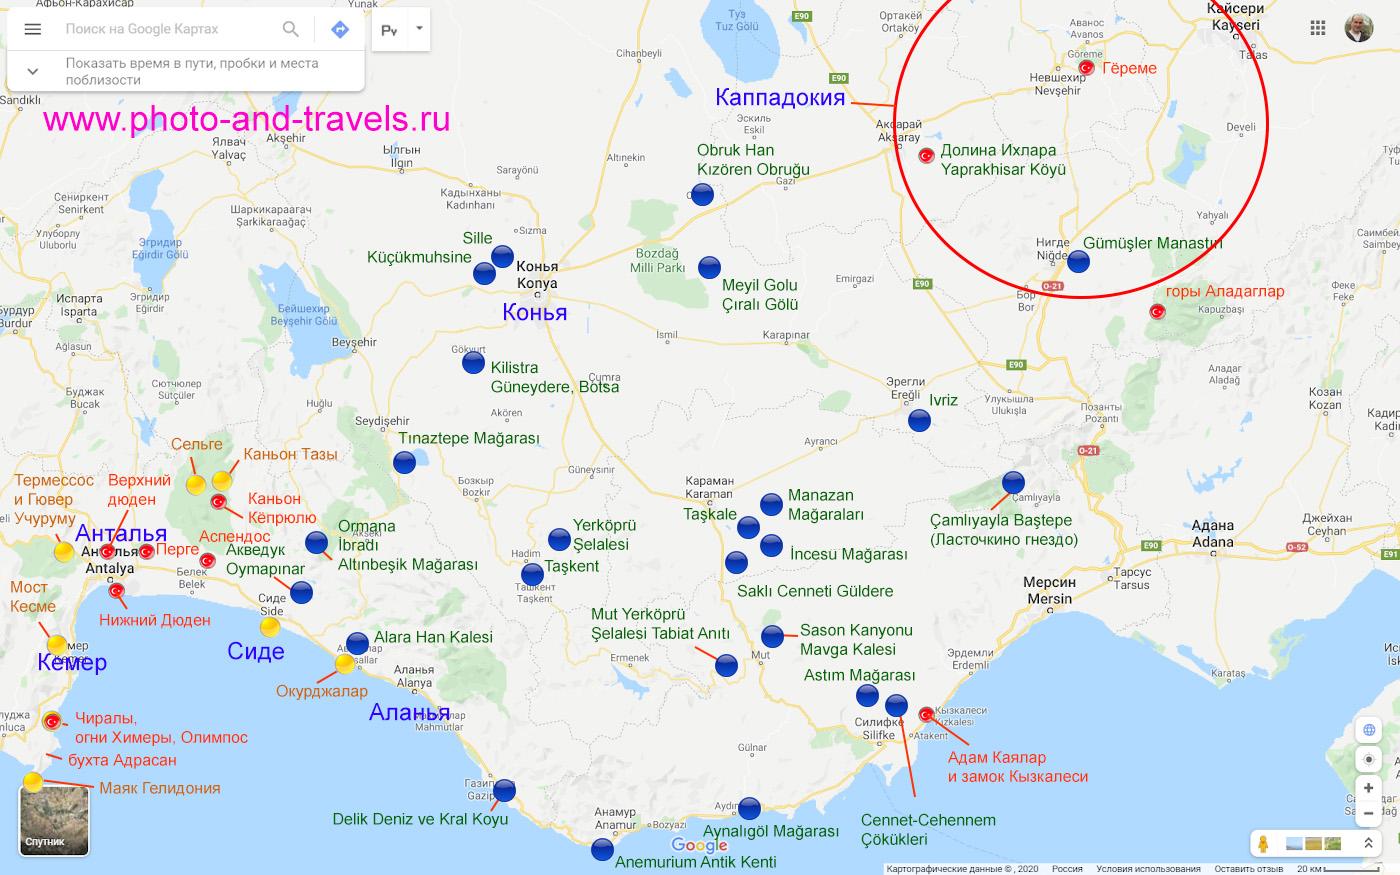 27. Карта со схемой расположения достопримечательностей, к которым можно съездить из Сиде, если взять на прокат машину.